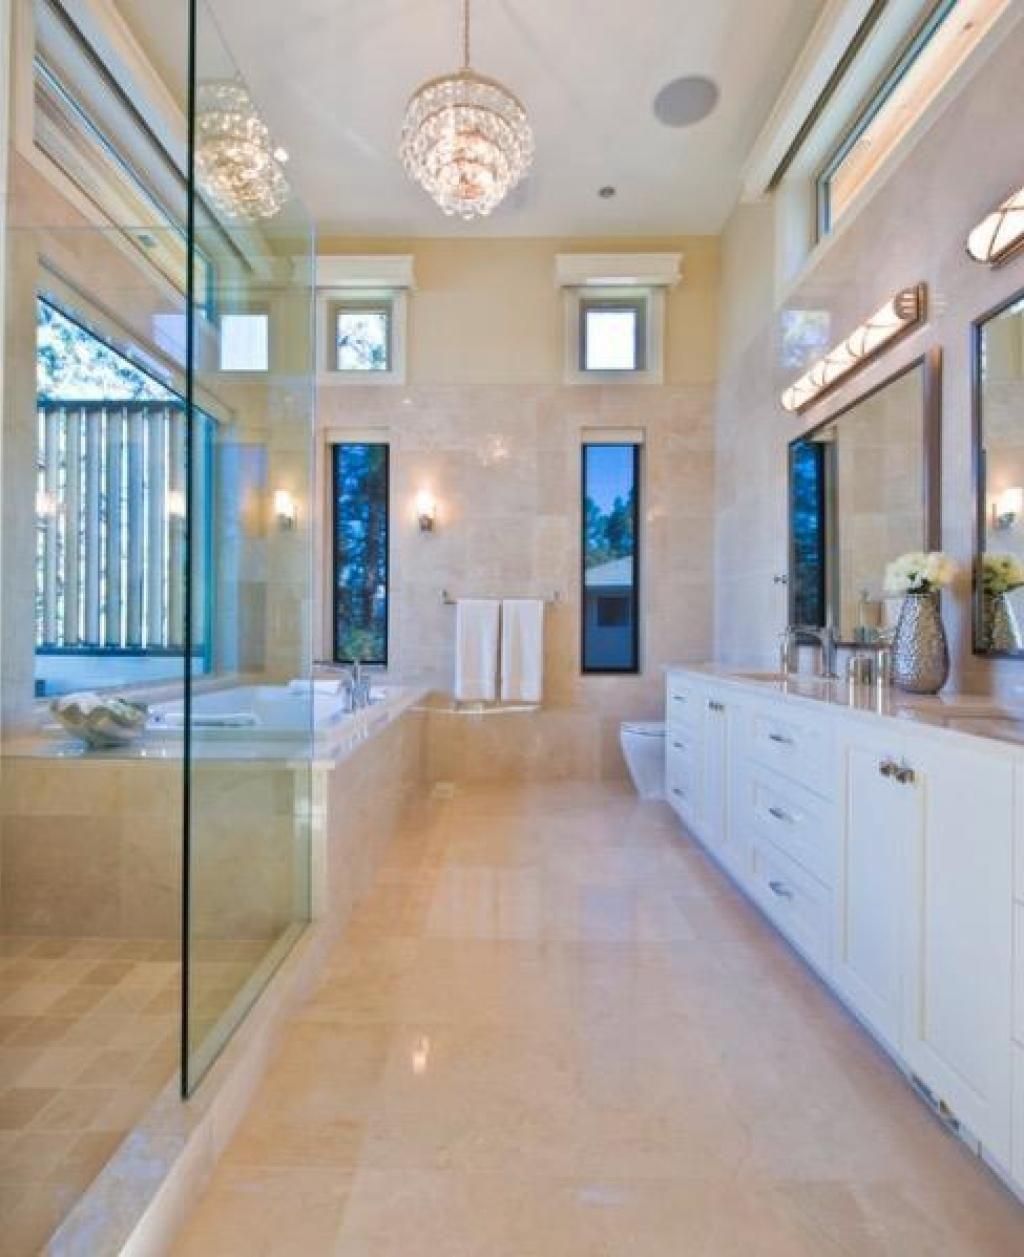 les 10 plus belles salles de bain attenante jamais vues ouf les maisons salle de bain. Black Bedroom Furniture Sets. Home Design Ideas